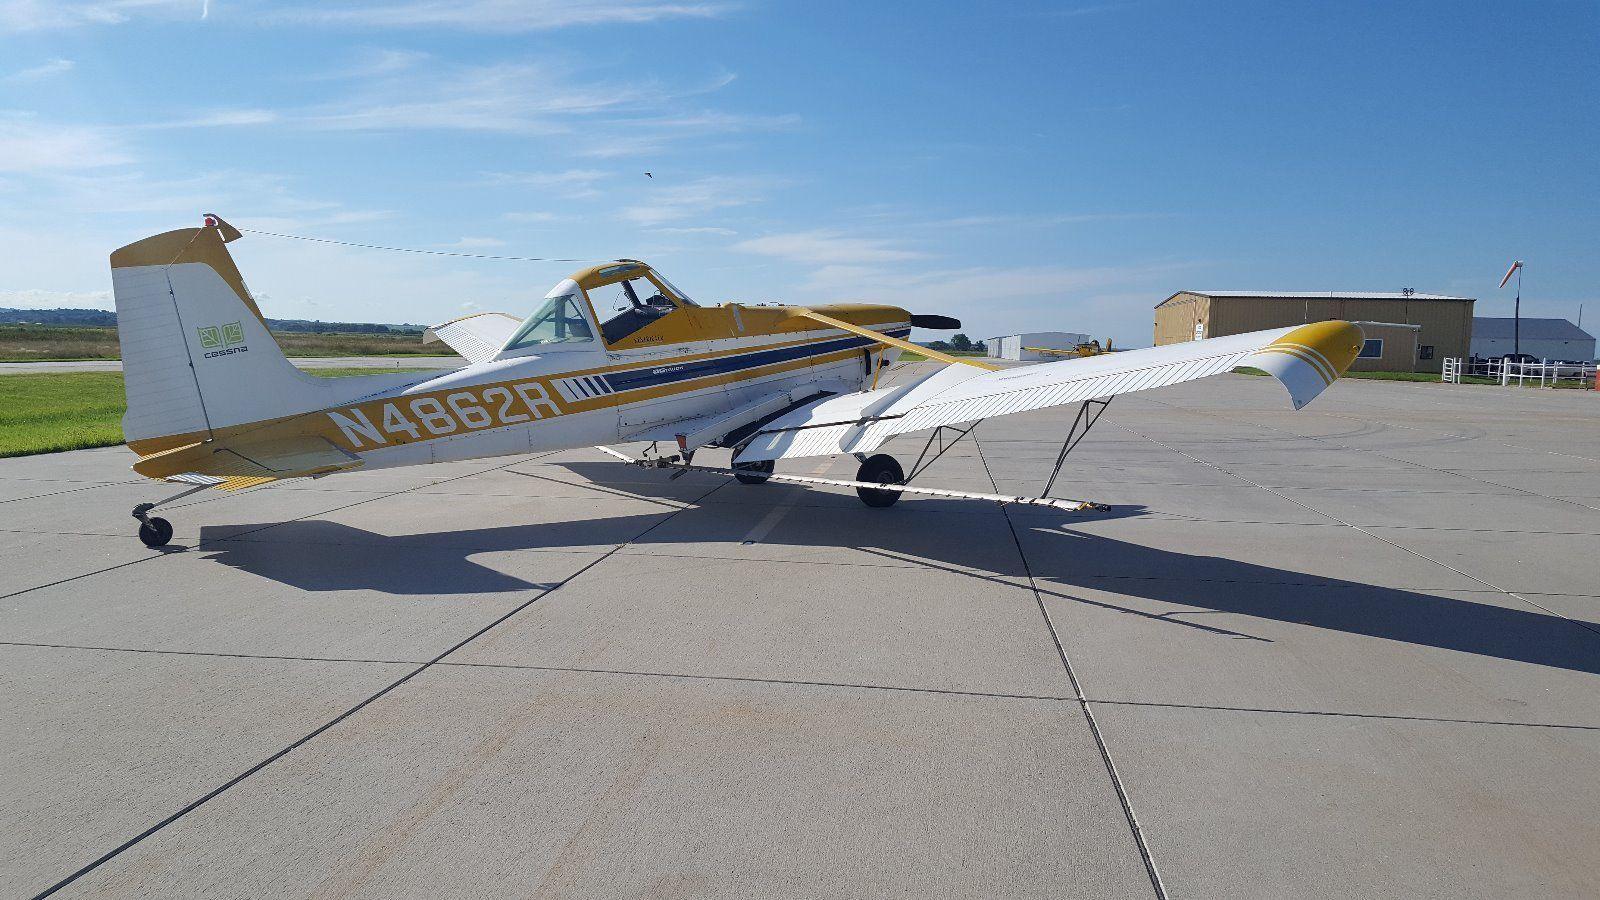 little damage 1975 Cessna aircraft